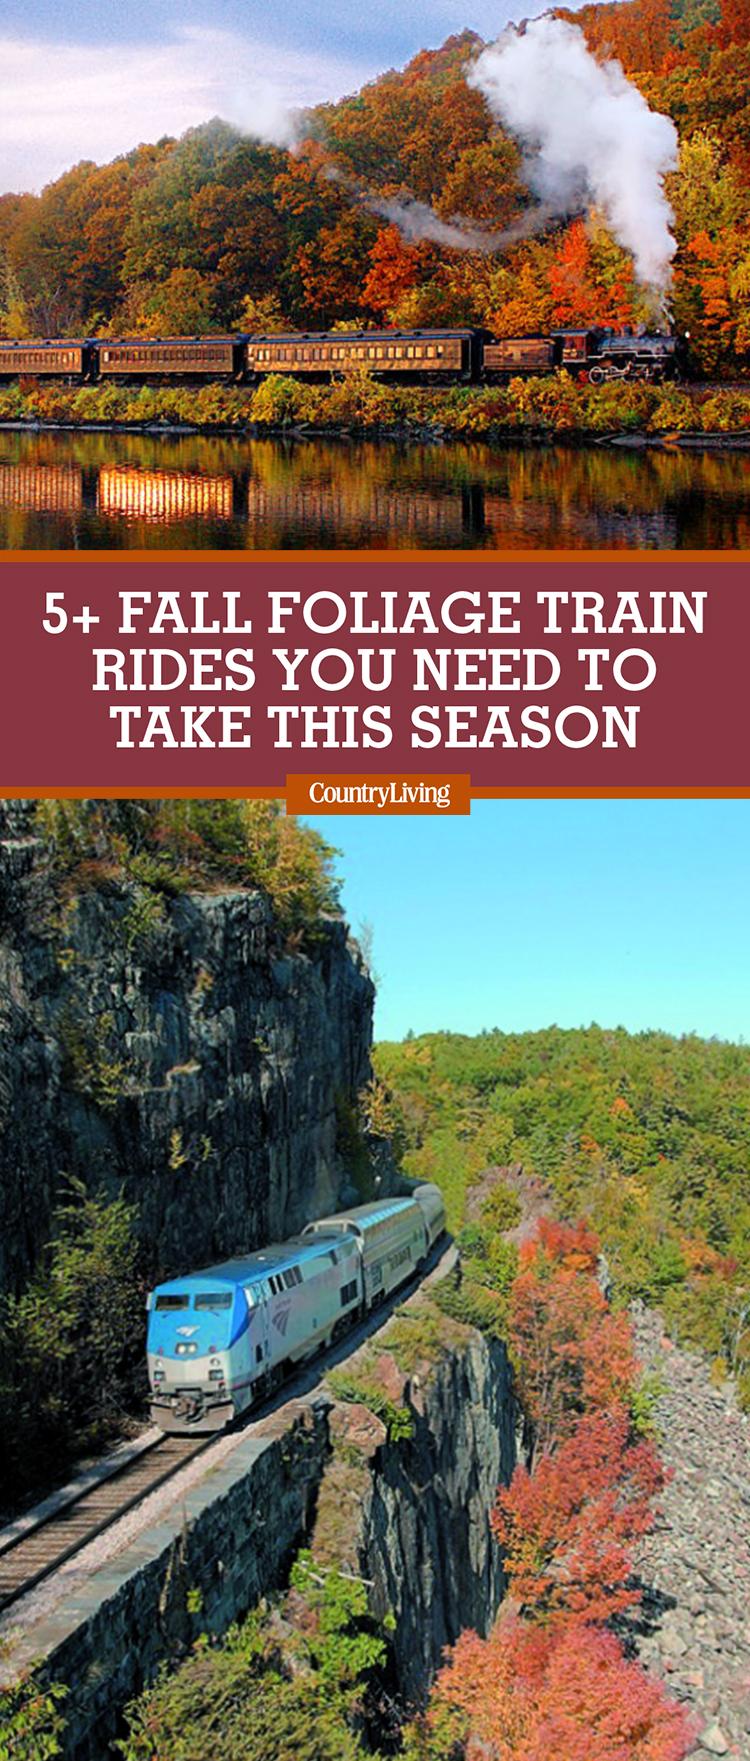 8 Best Fall Foliage Train Rides Fall Leaf Peeping Train